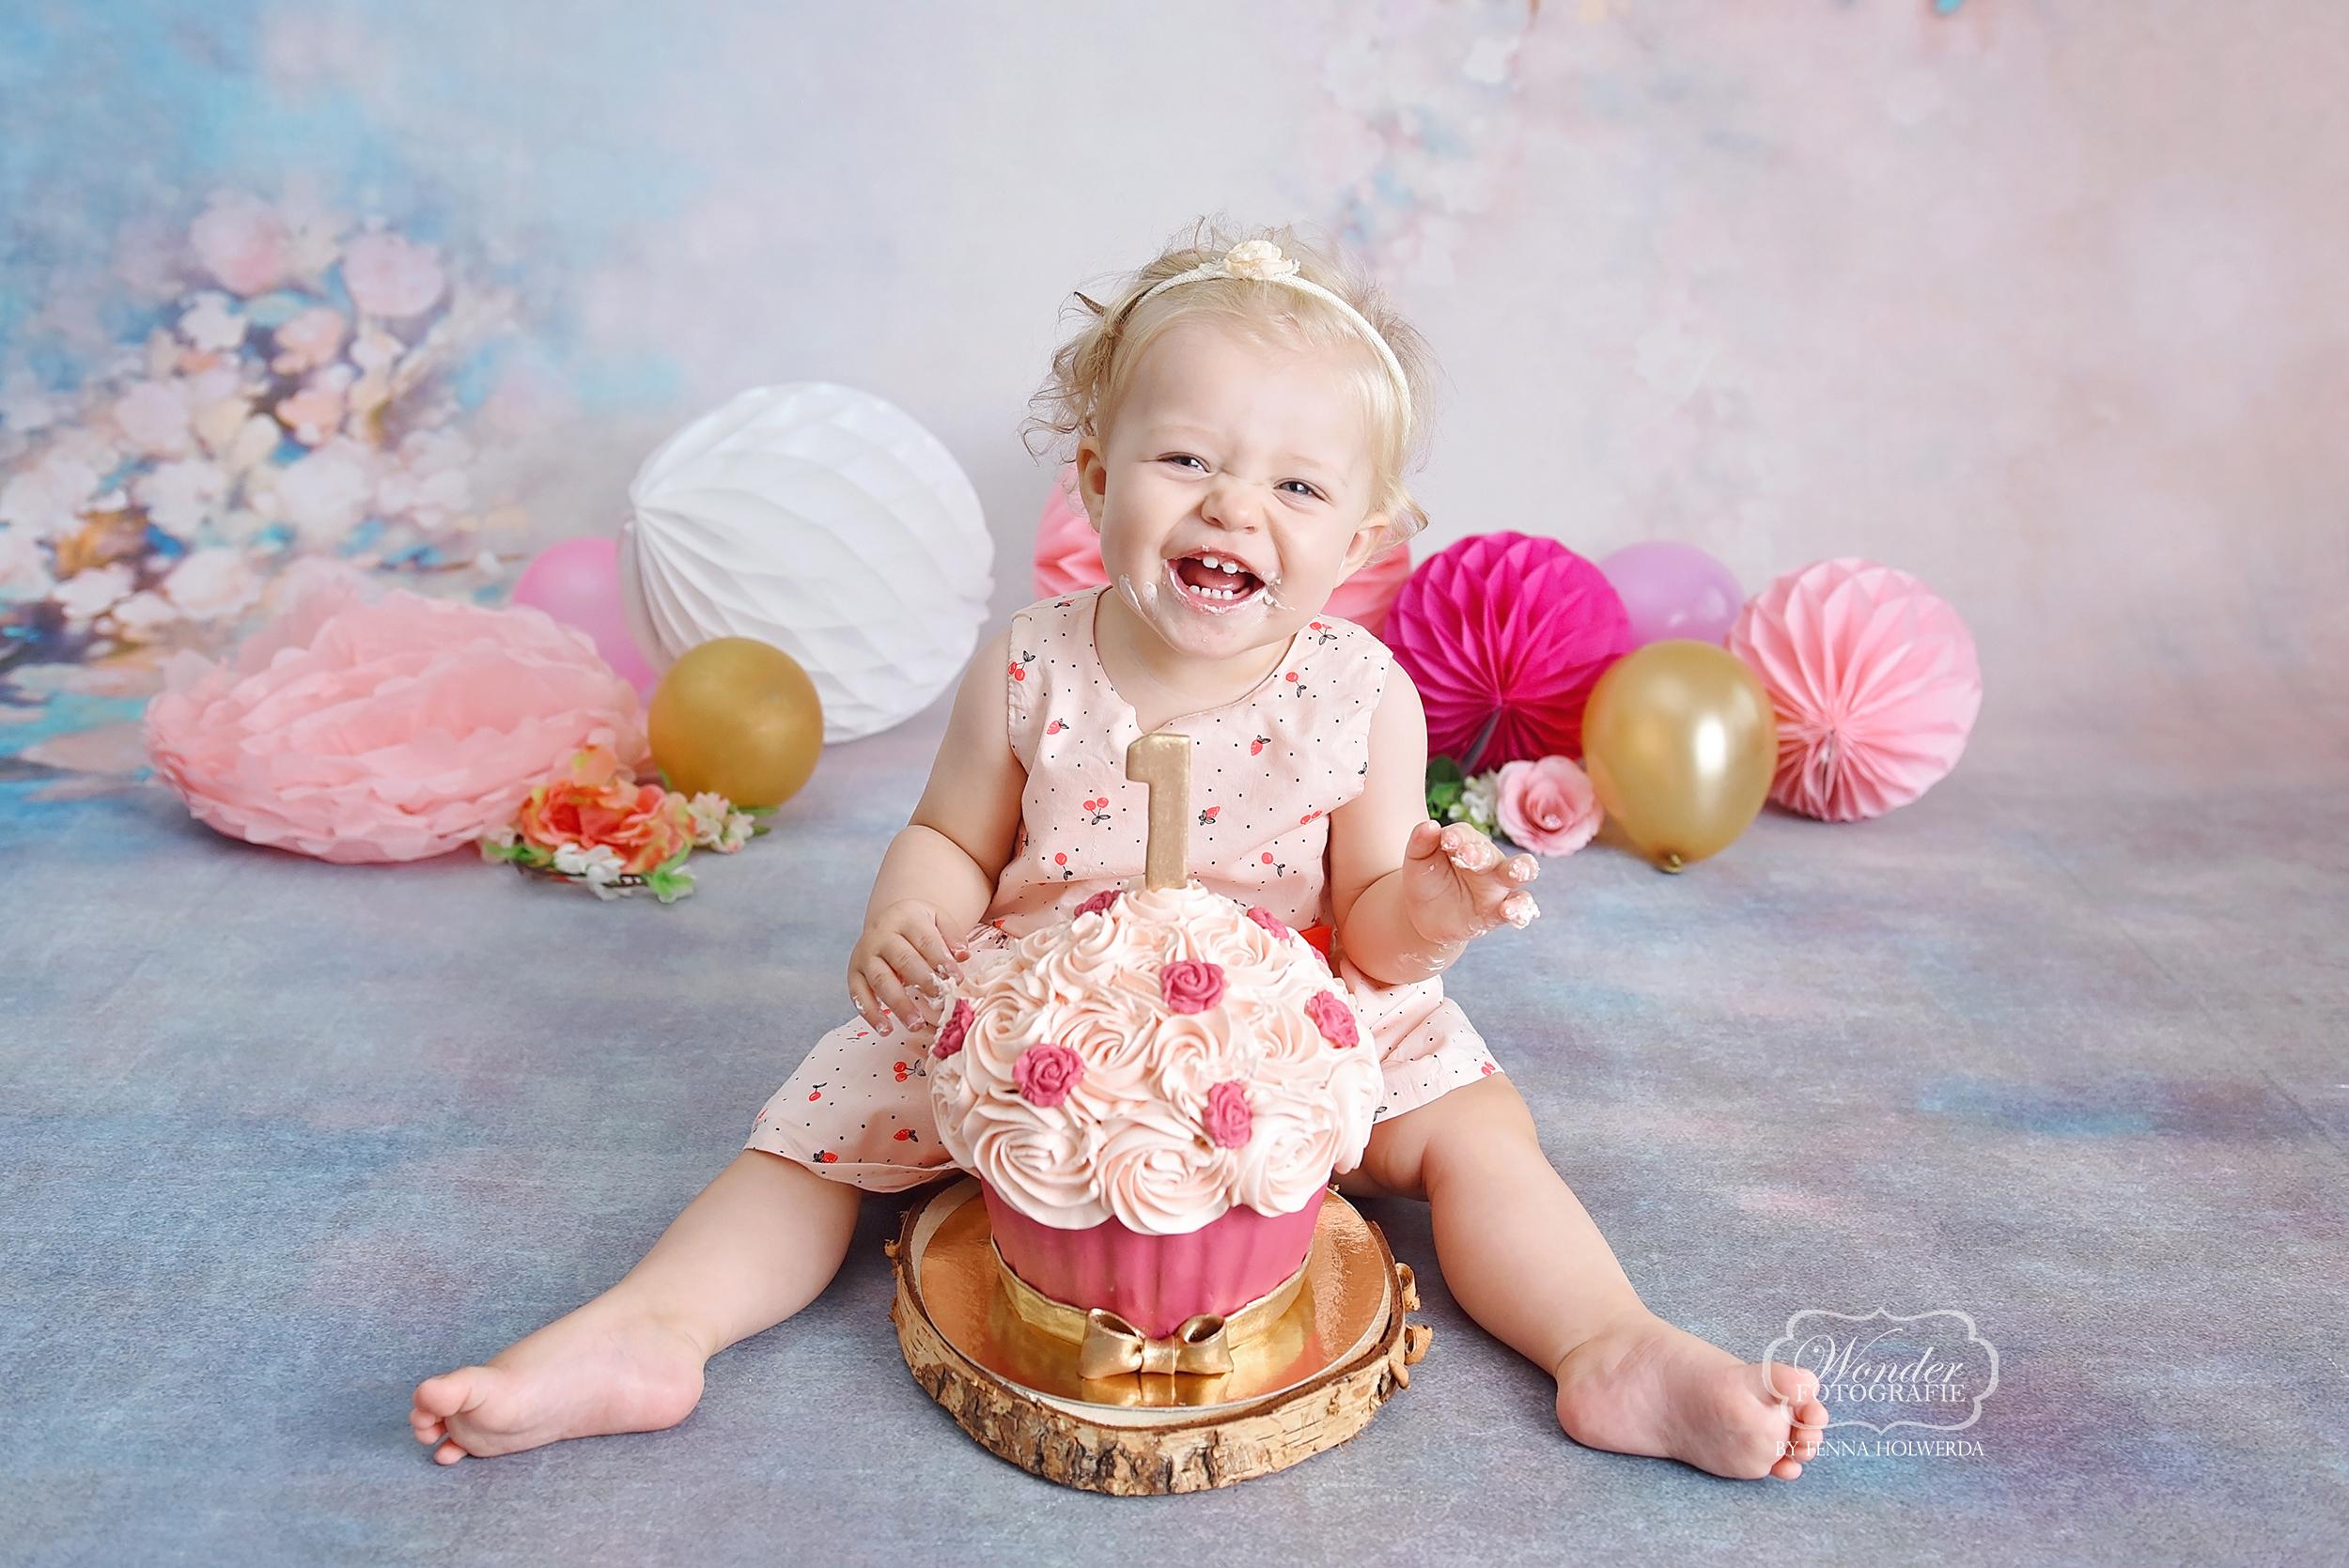 cake smash baby fotoshoot shoot fotografie verjaardag overijssel drenthe friesland